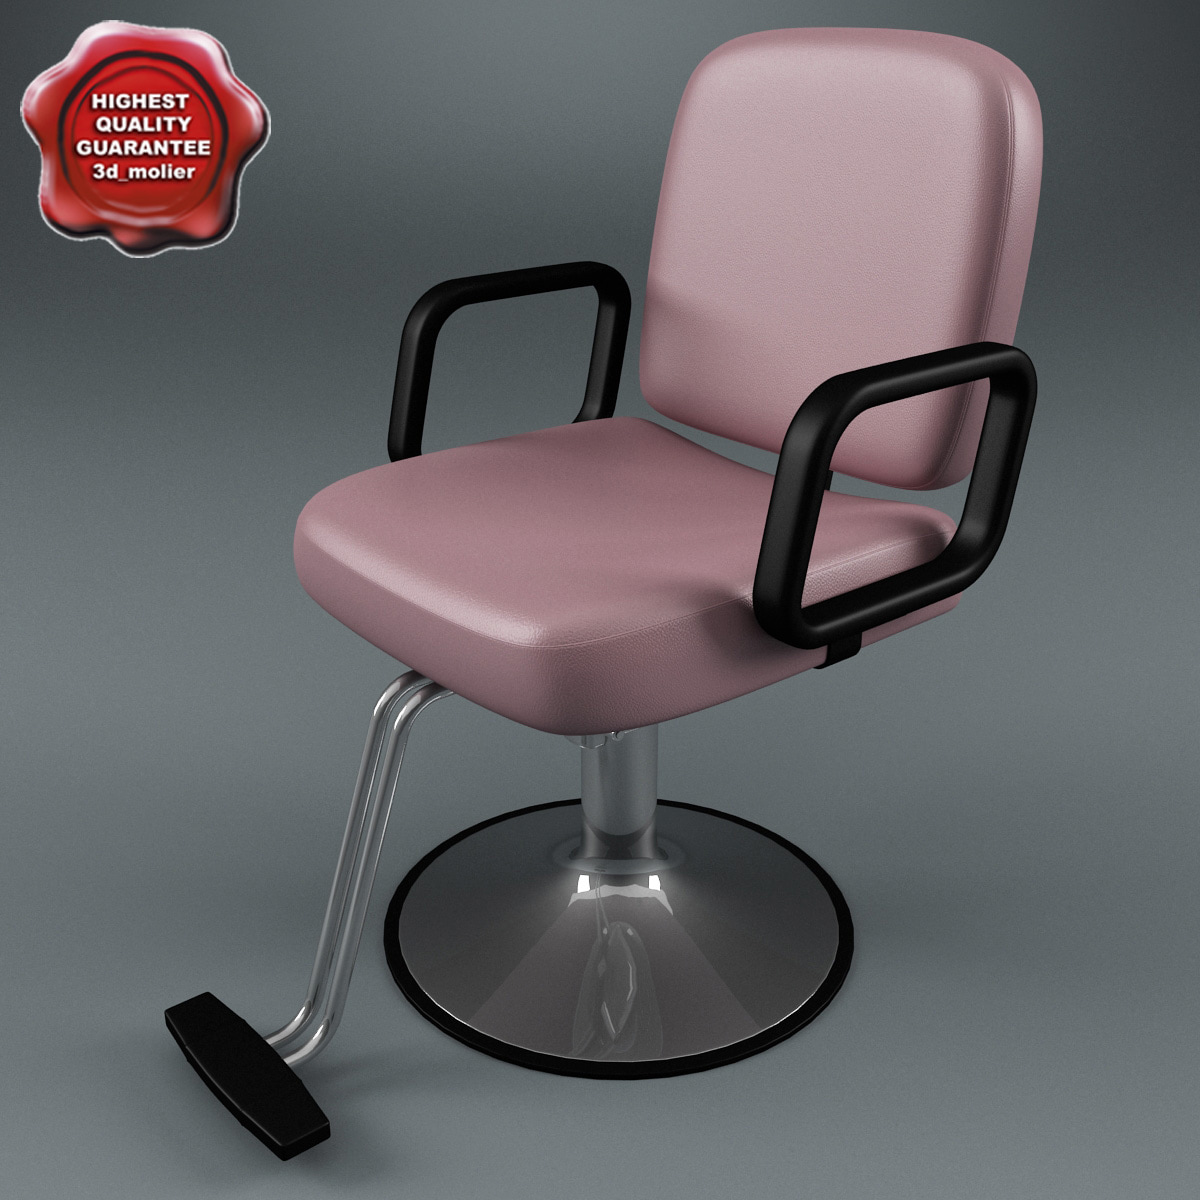 salon chair v2 3d model